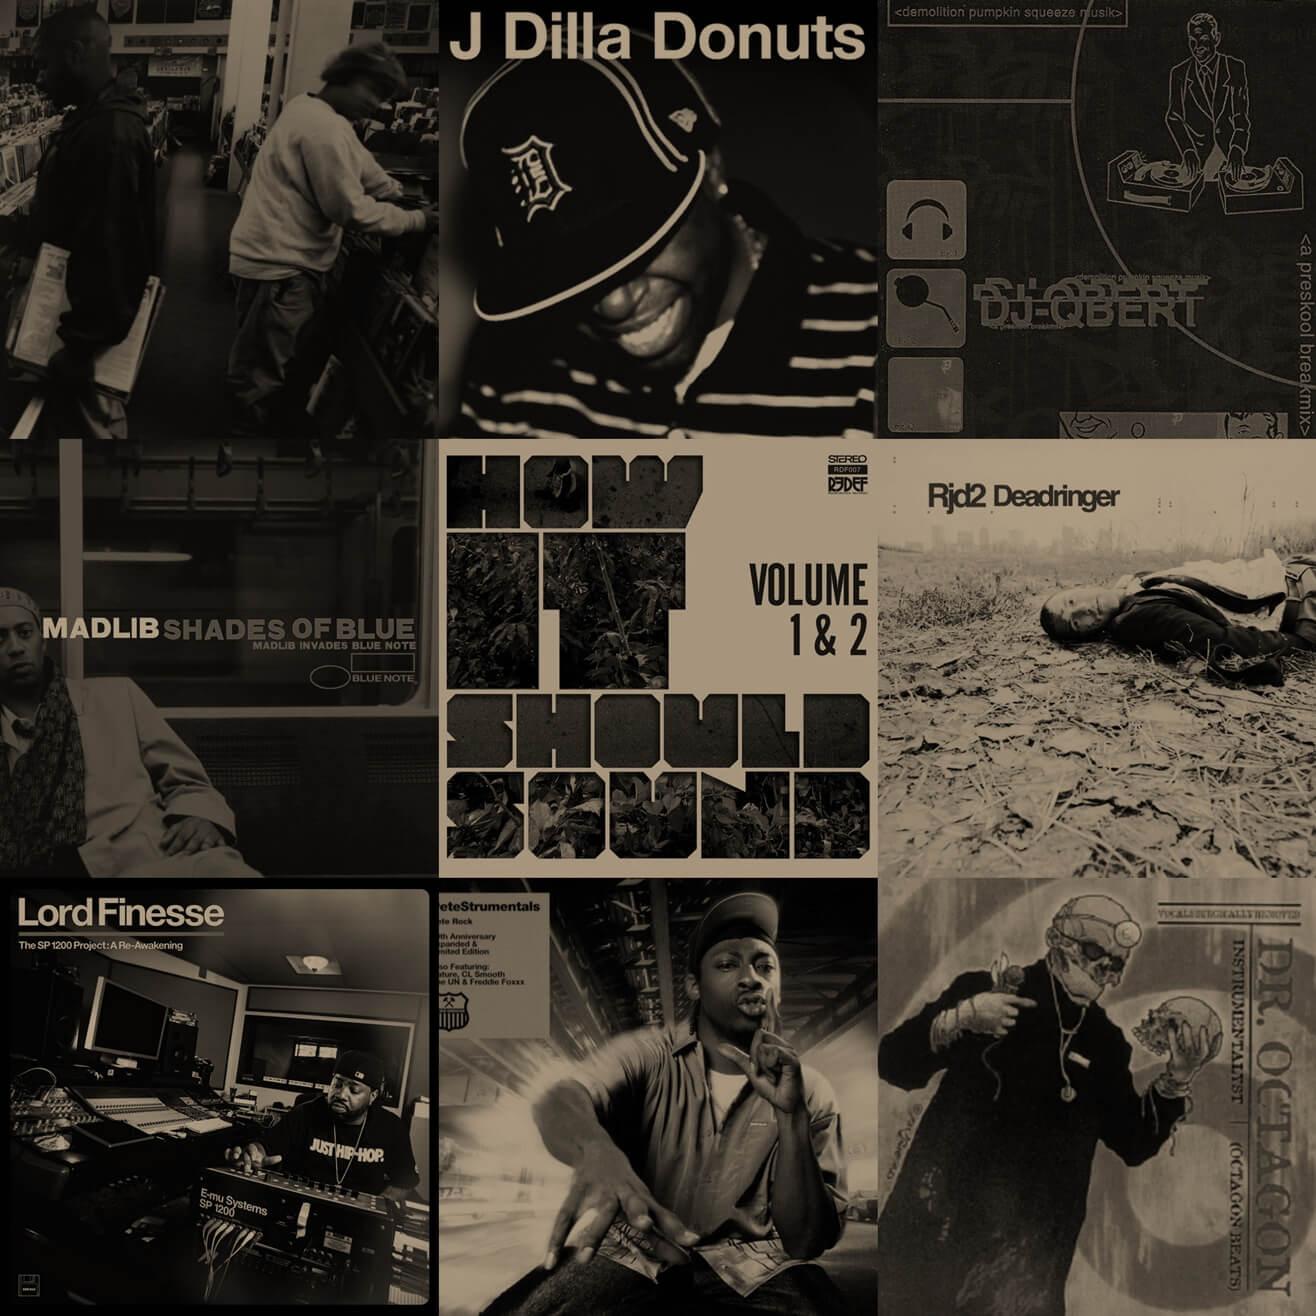 15 Great Instrumental Hip Hop Albums - Hip Hop Golden Age